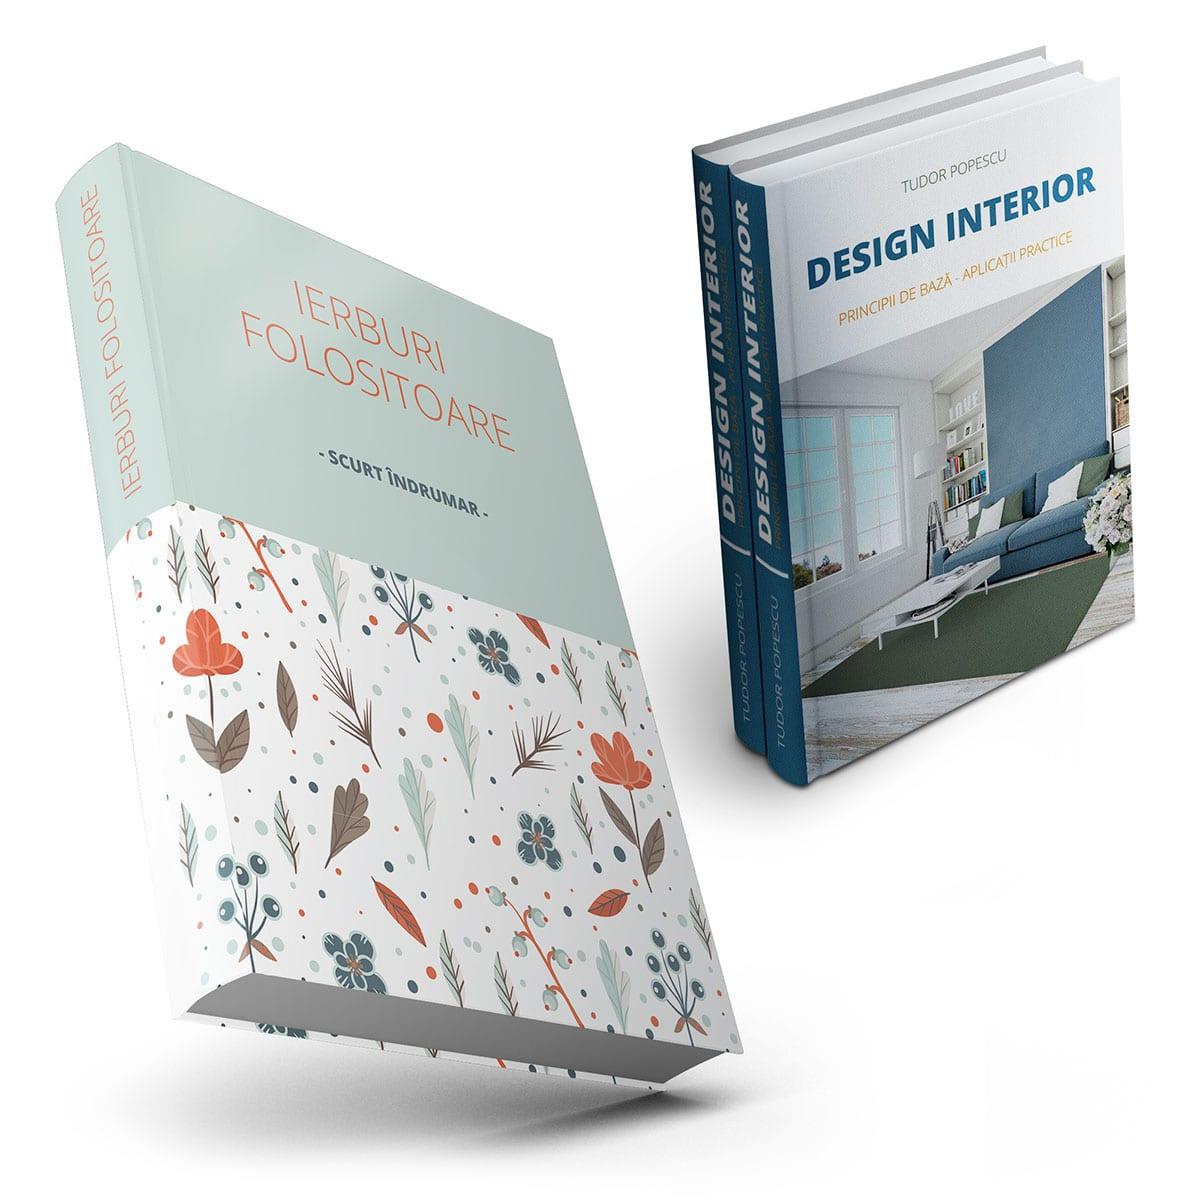 Atunci când un autor angajează o firmă de grafică și design pentru a materializa inspirația lor, rezultatul trebuie să fie o lucrare de calitate la un preț cât mai scăzut, îmbrăcată în grafică coperți carte impresionantă.